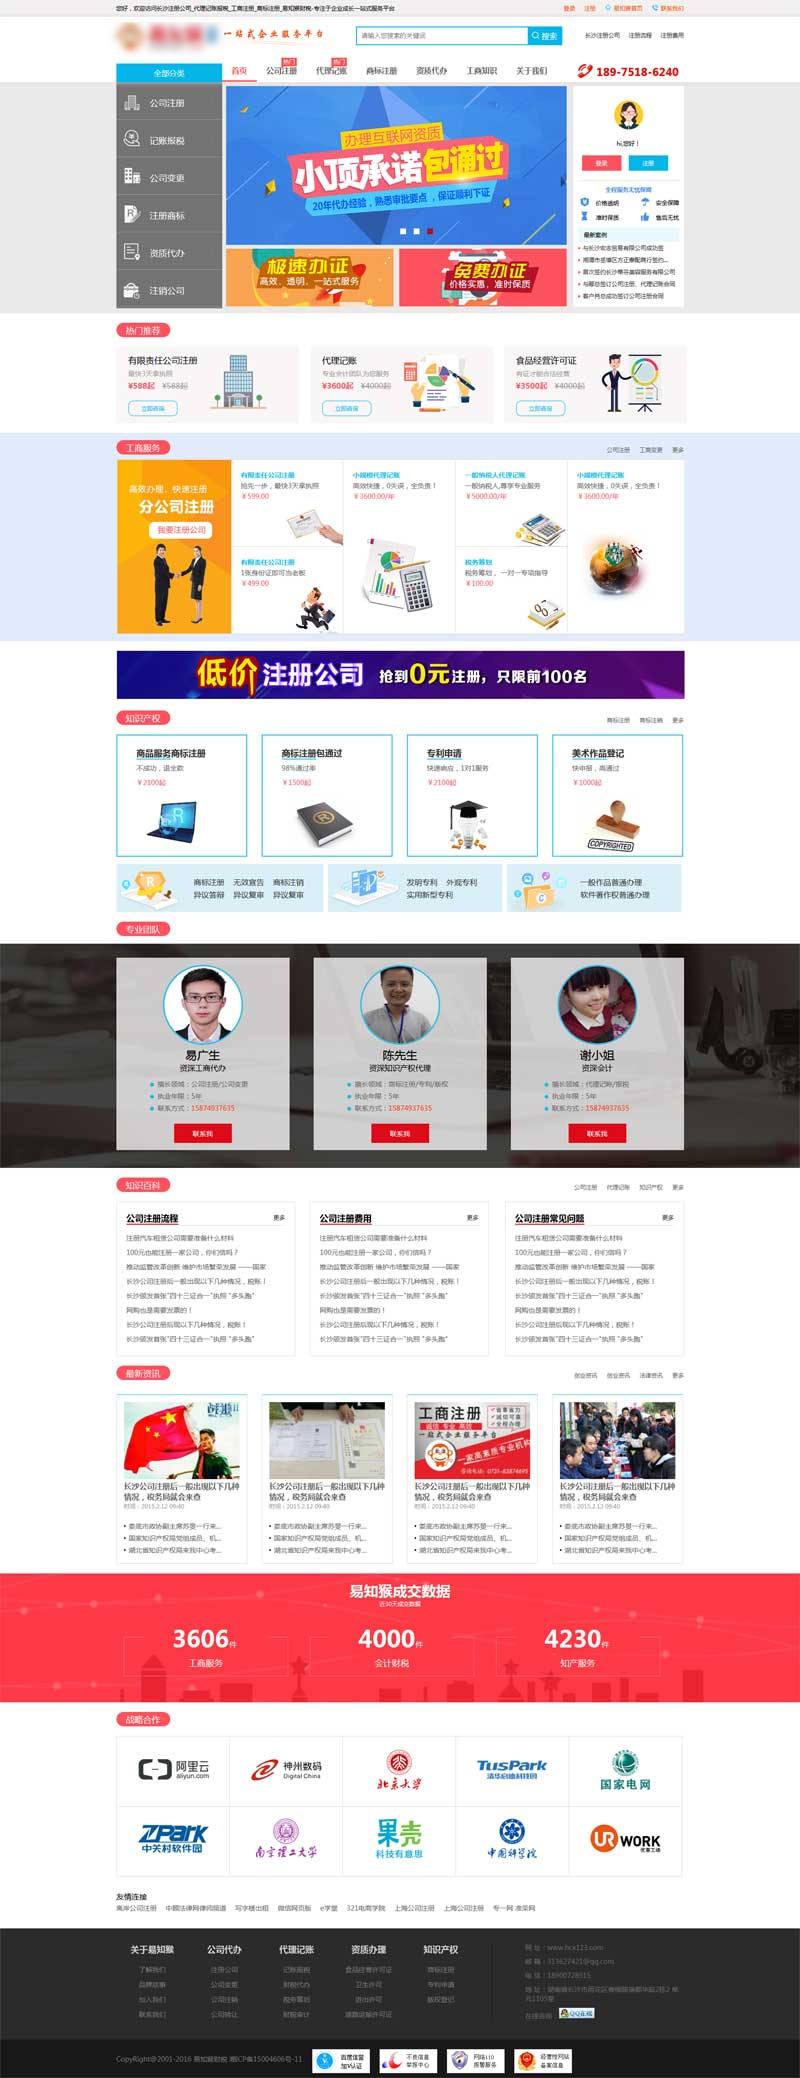 企业一站式服务平台网页模板